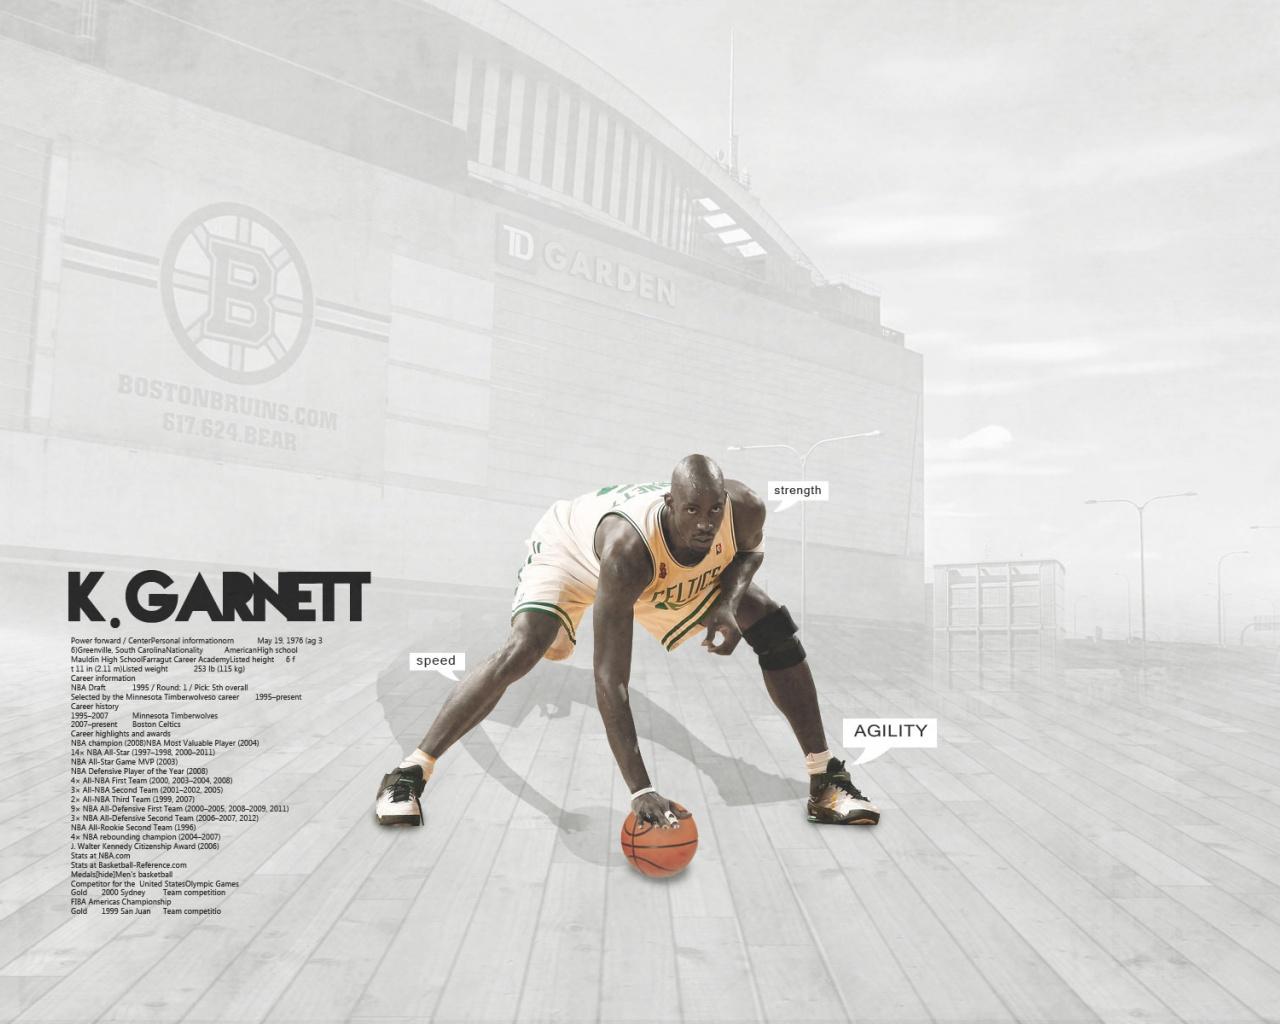 1280x1024 Td Garden basketball garnett kevin desktop PC and Mac 1280x1024